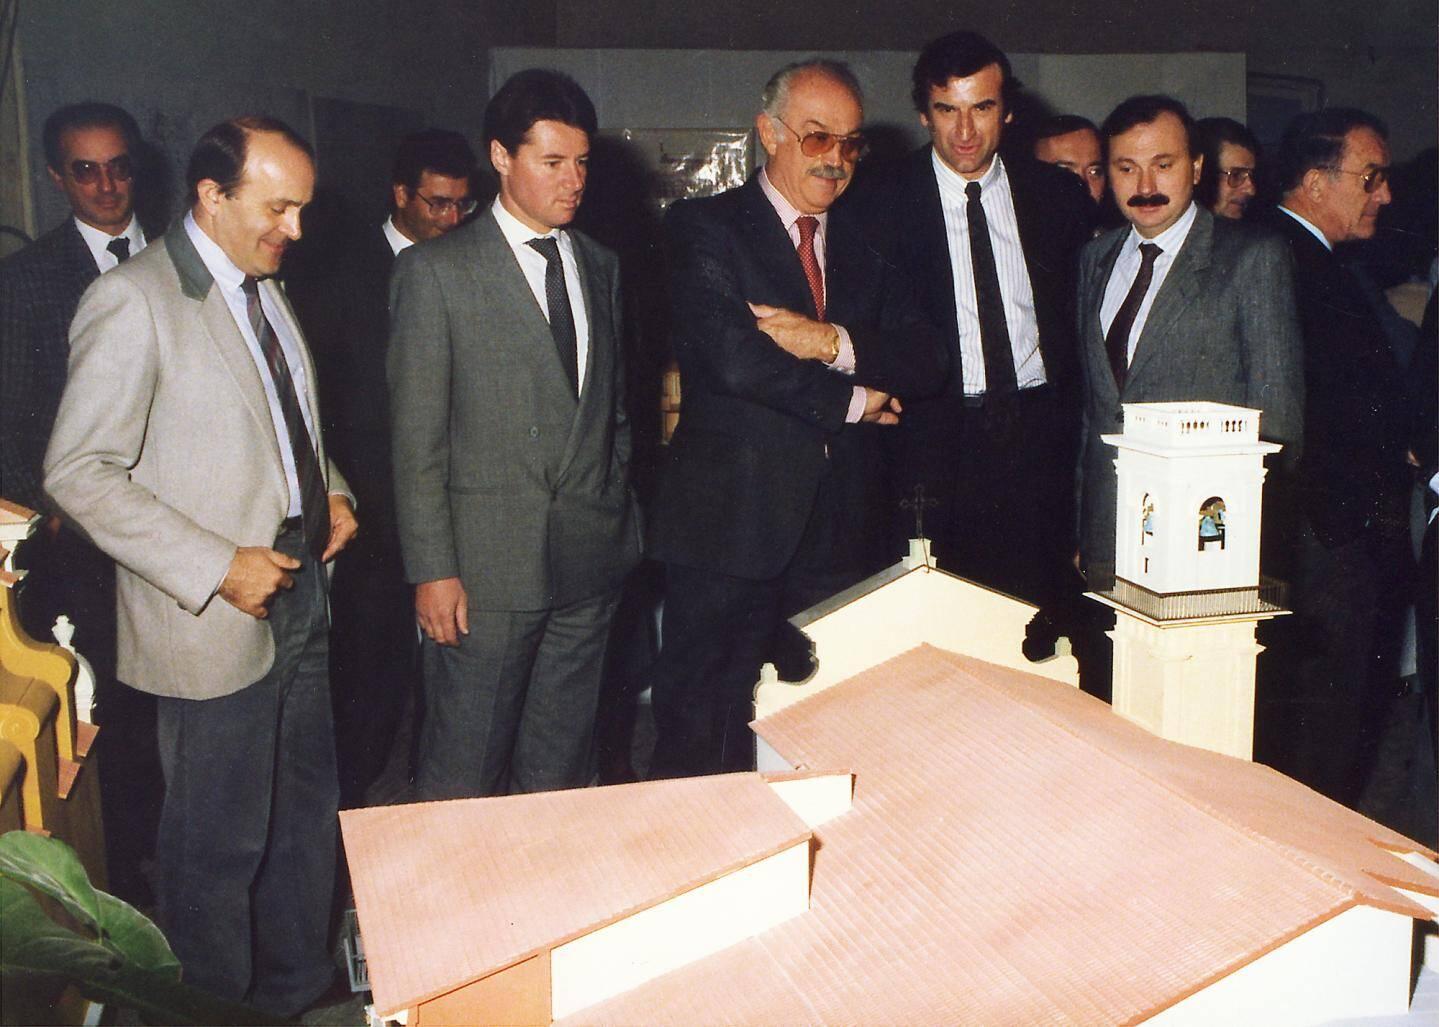 Jacques Médecin et, à sa droite, Christian Estrosi. L'ancien et le maire actuel visionnaient des maquettes de futures constructions niçoises.